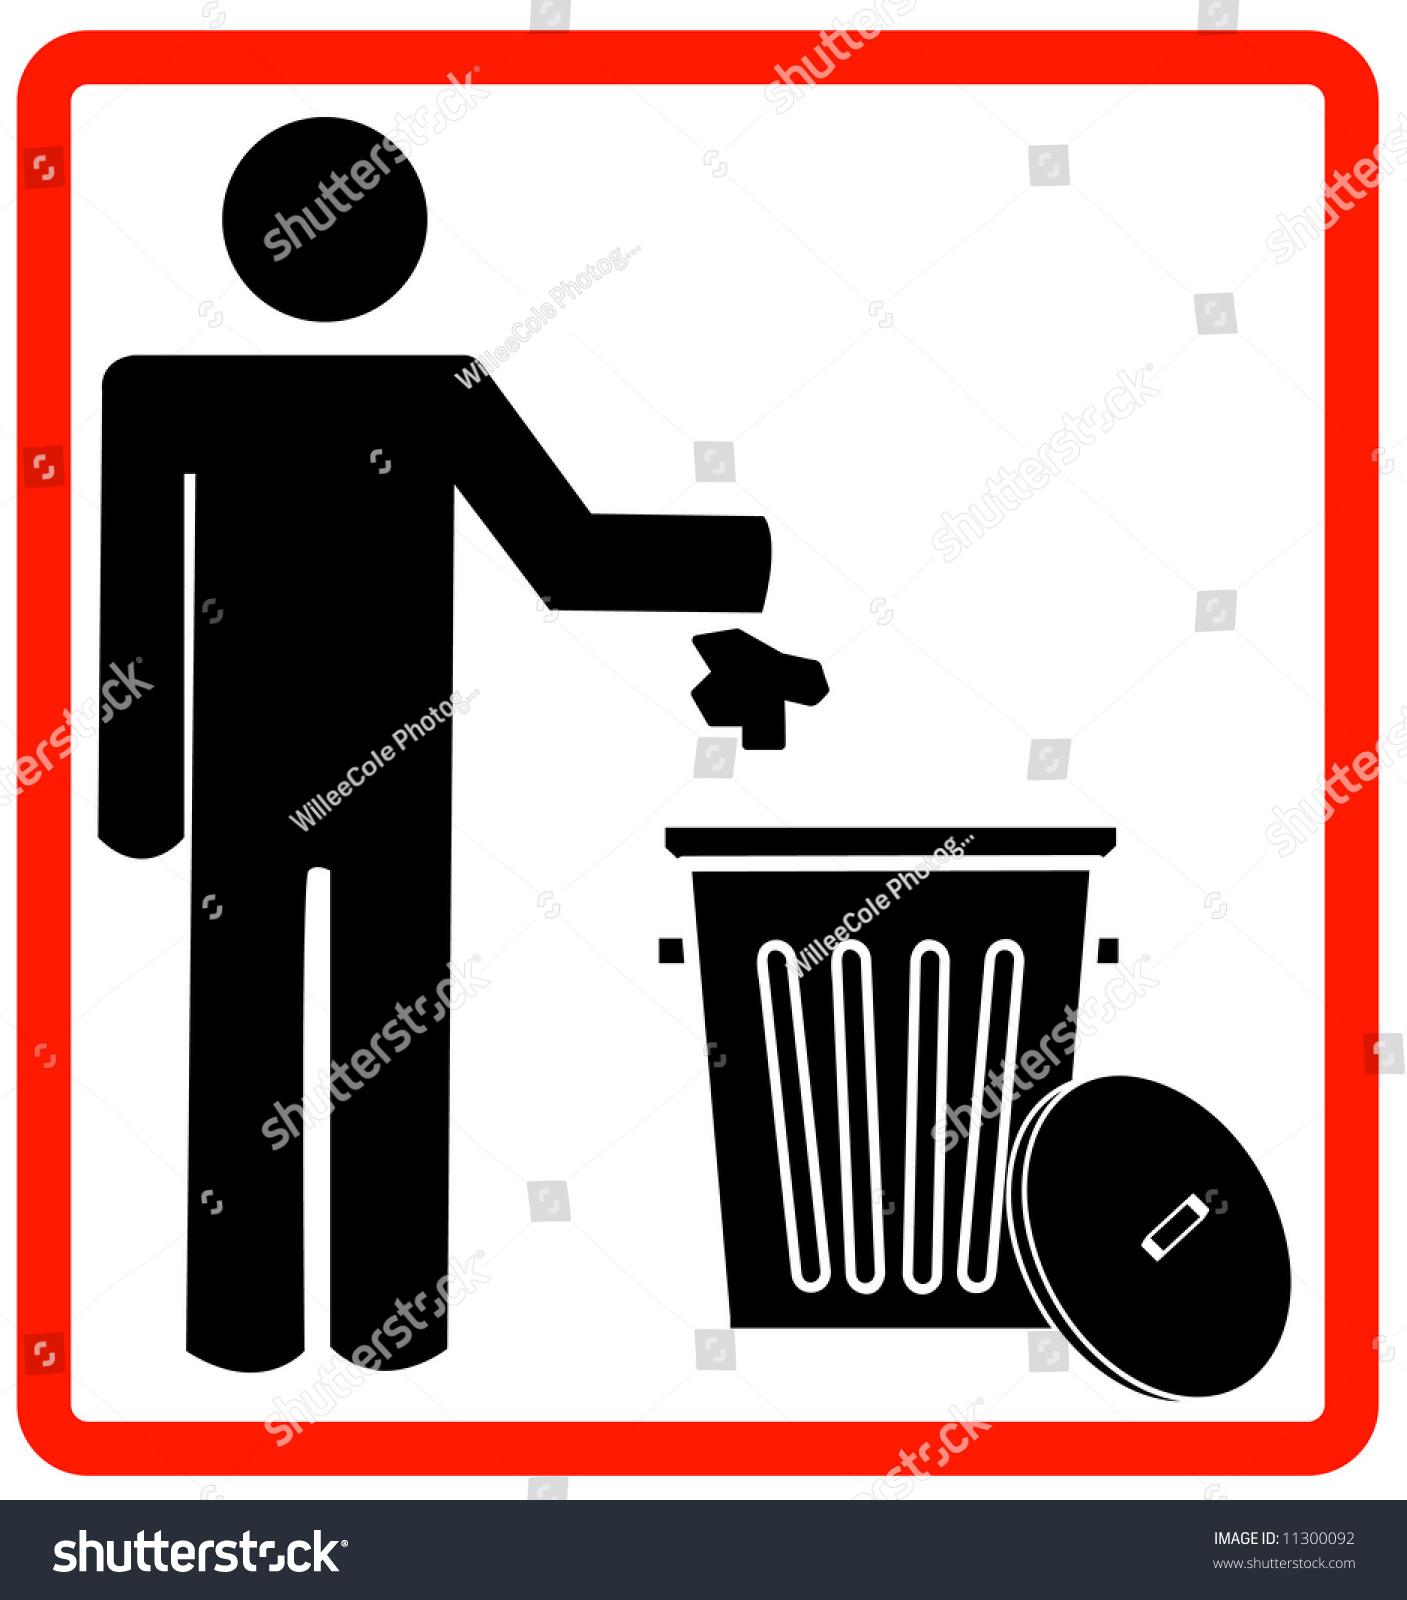 图的人扔垃圾进垃圾桶,不乱扔垃圾-插图/剪贴图,符号